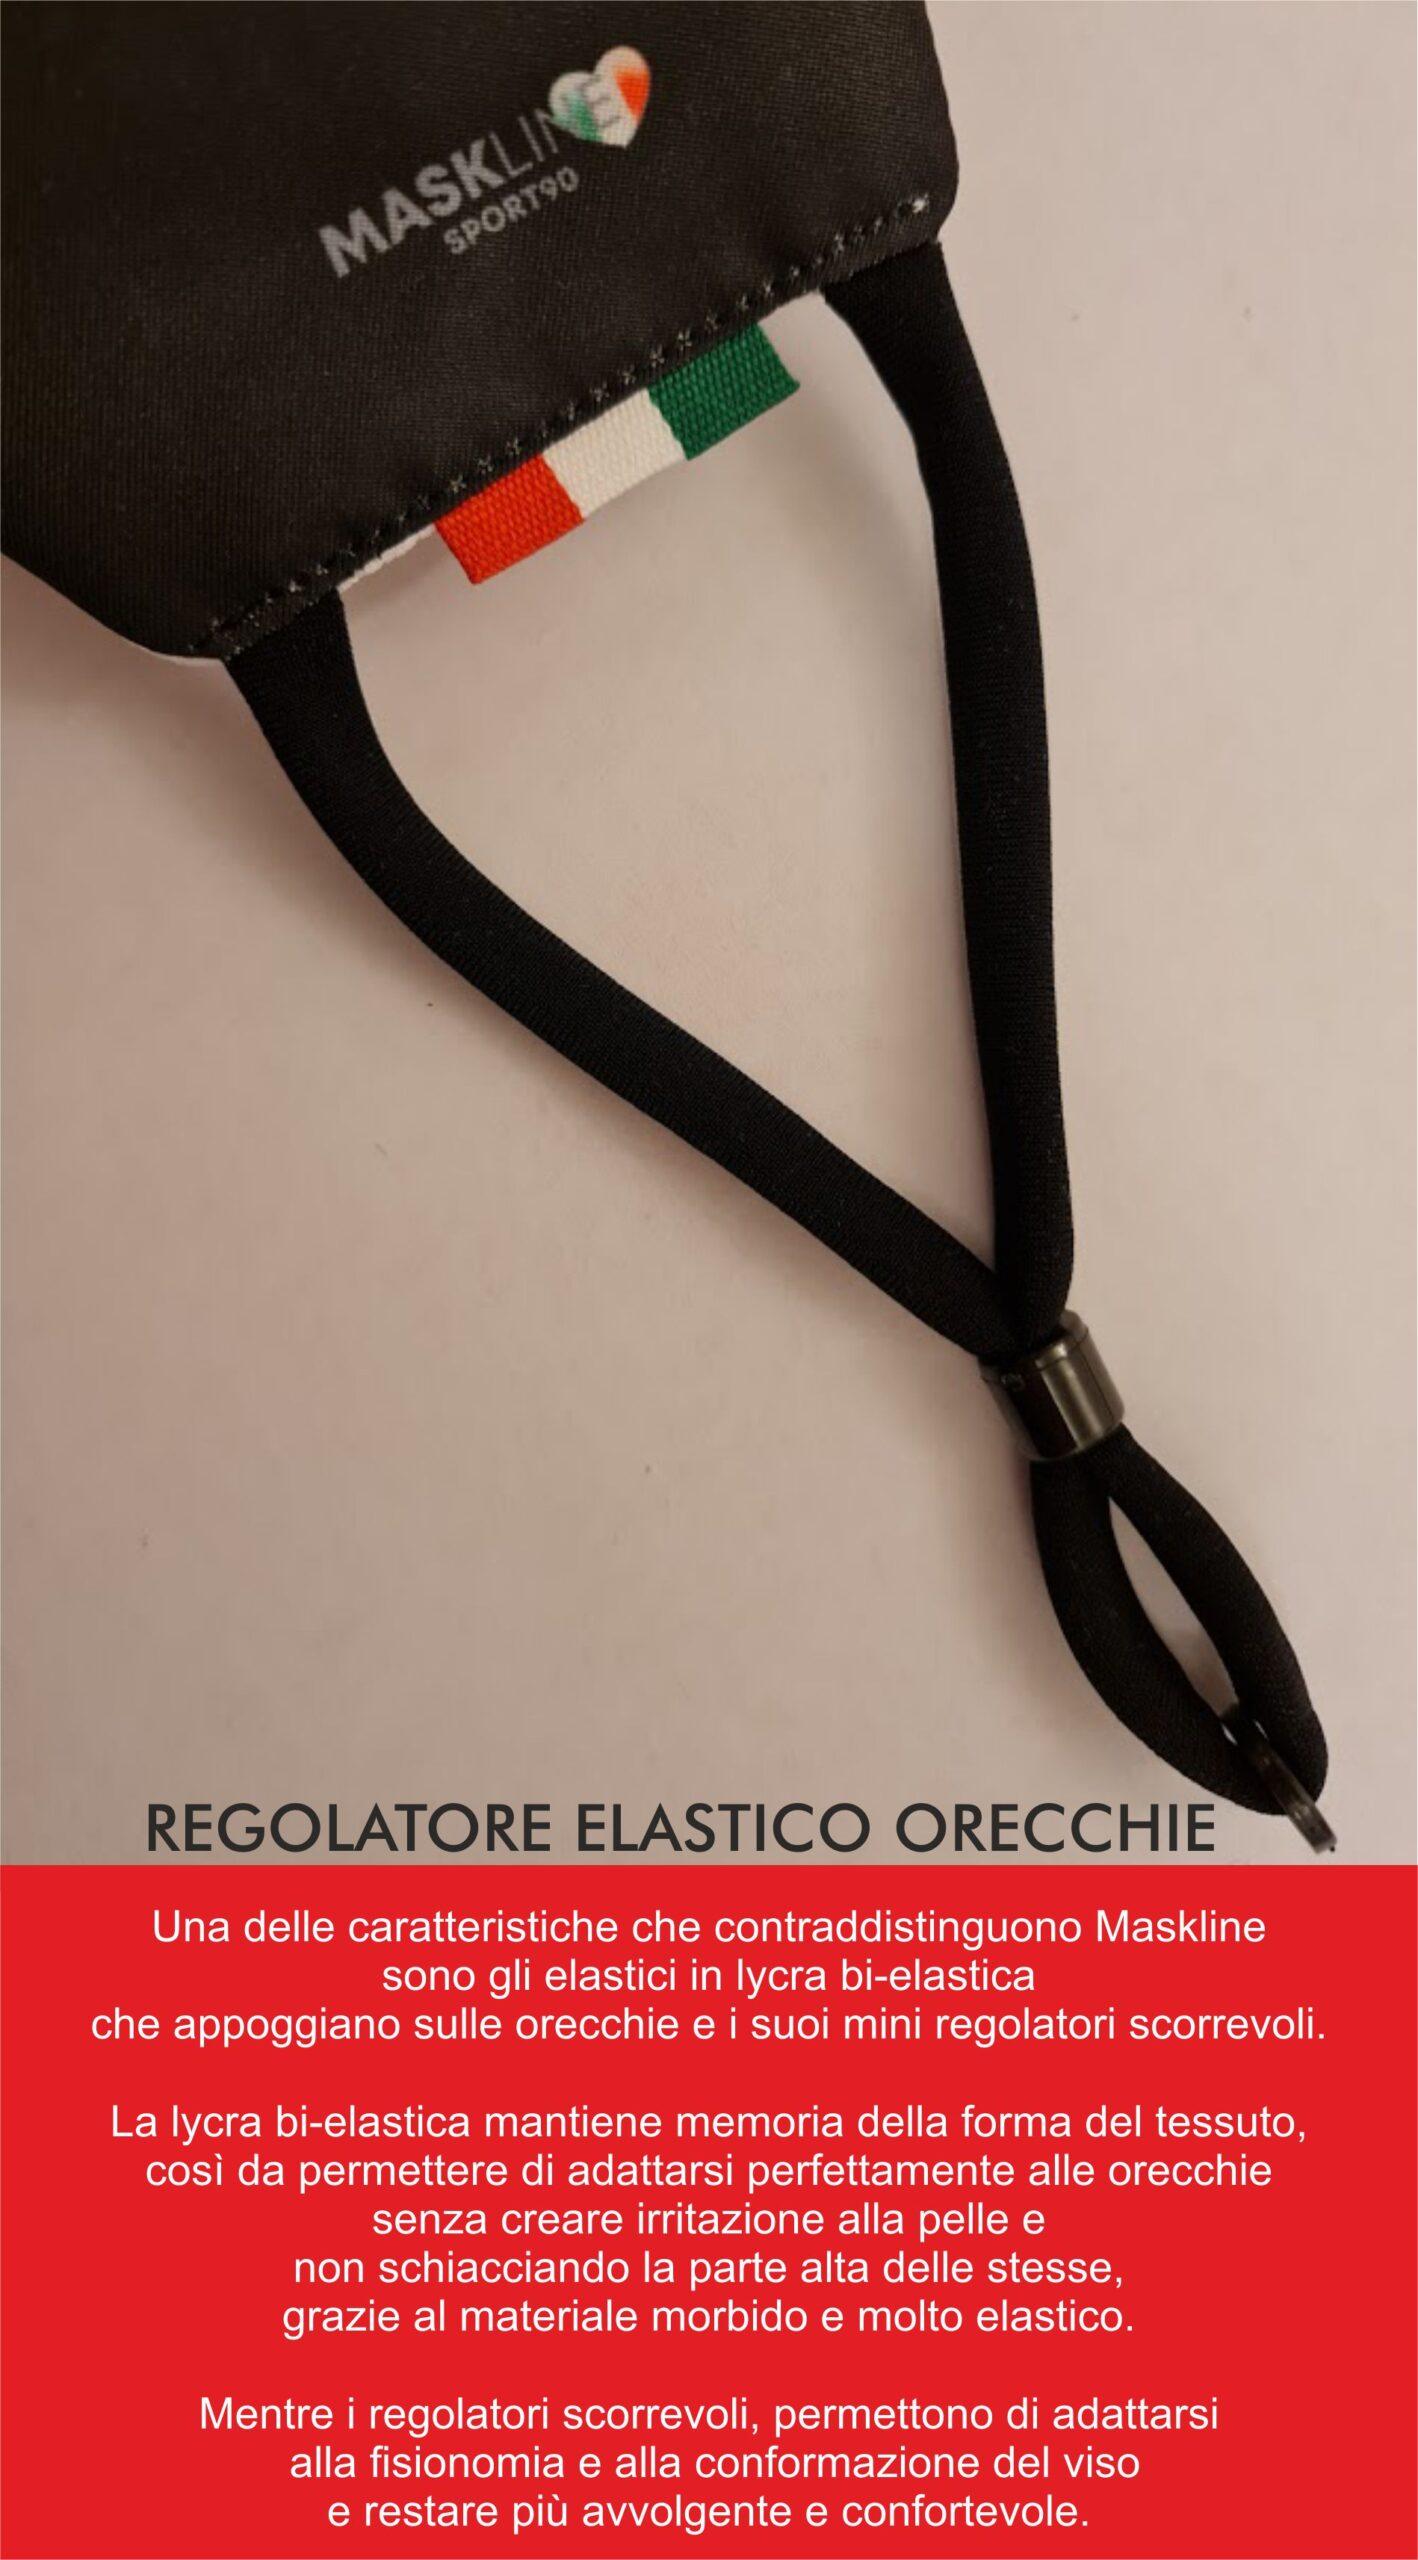 scheda tecnica mascherine maskline by sport90